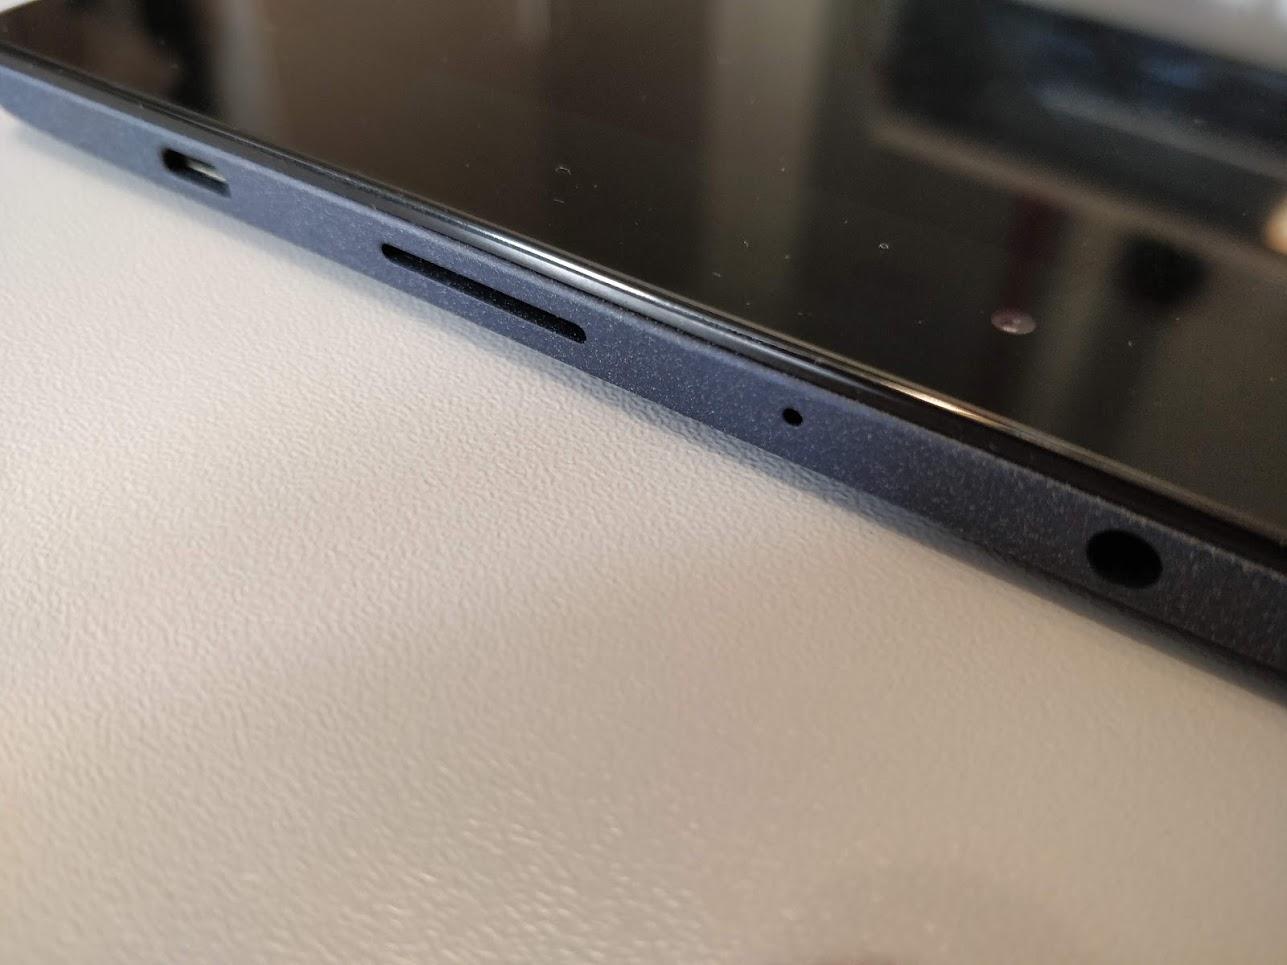 Lenovo-P8-Android-tablet-Tab3-8-Plus-16GB-3GB-03